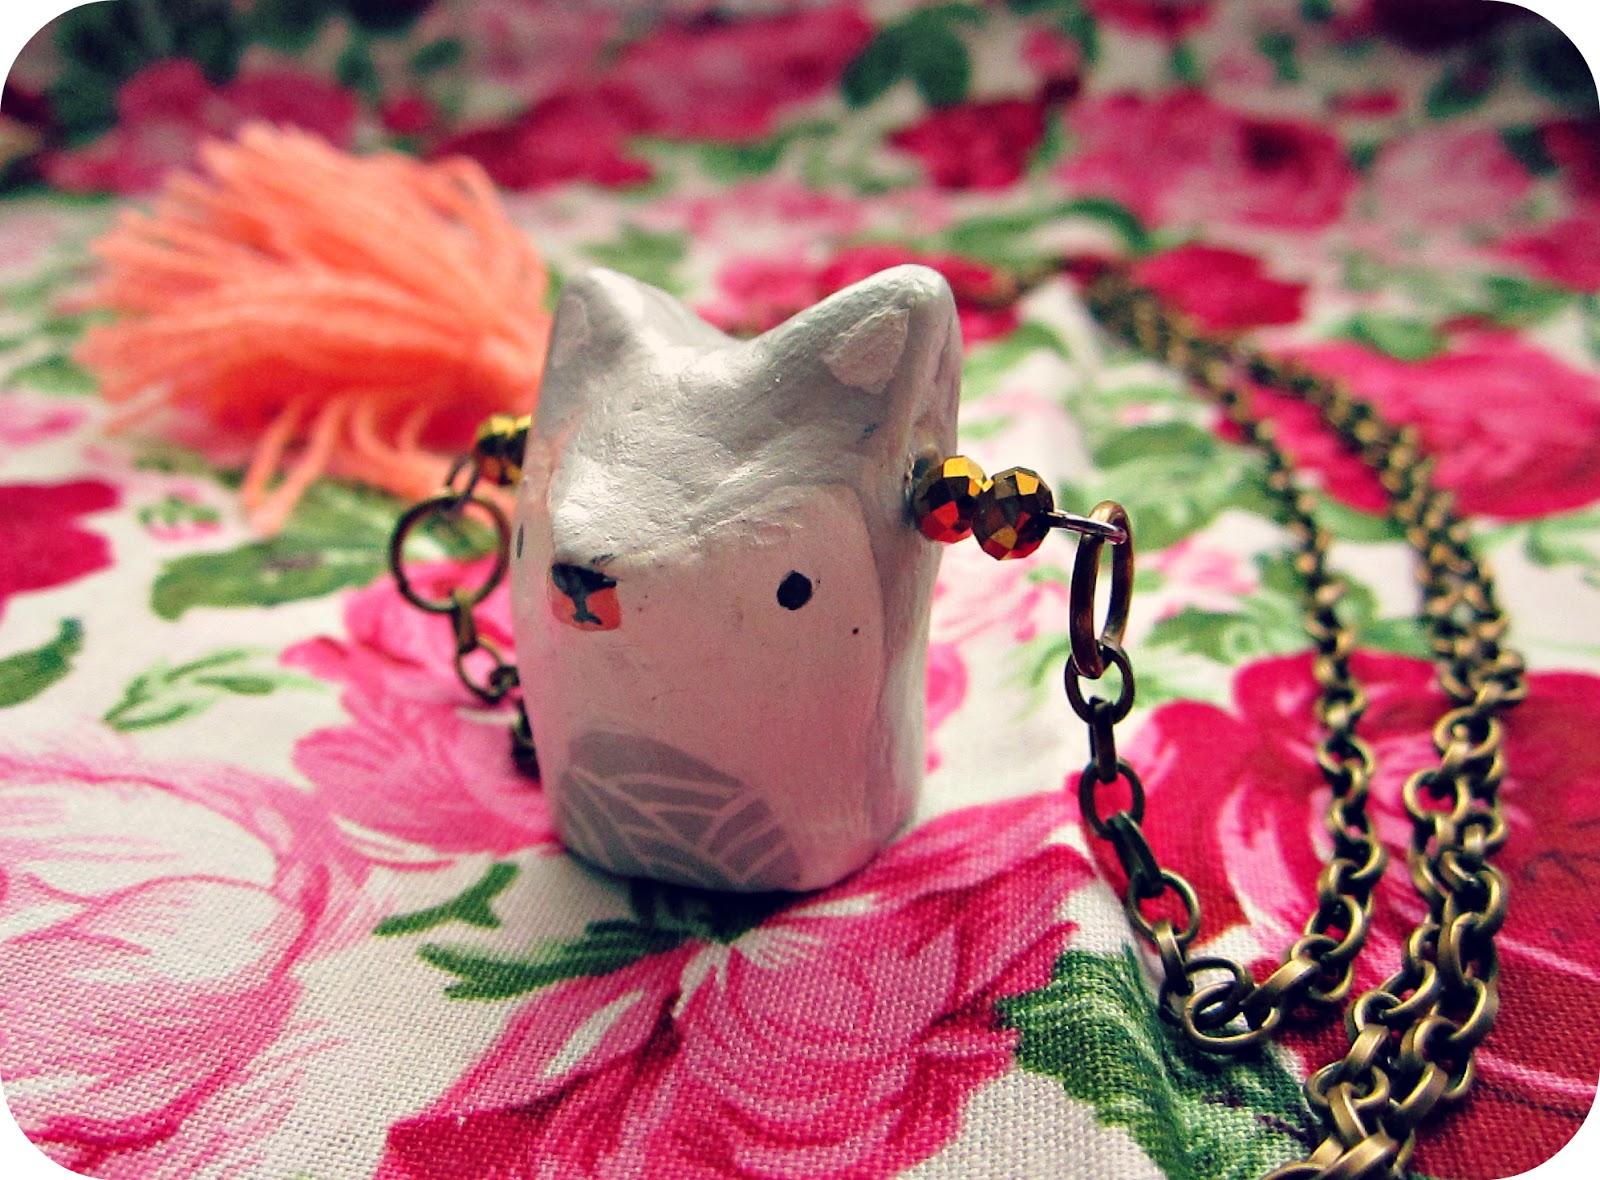 http://lluevediamantina.blogspot.mx/2013/07/mi-totem-de-tiger-season.html